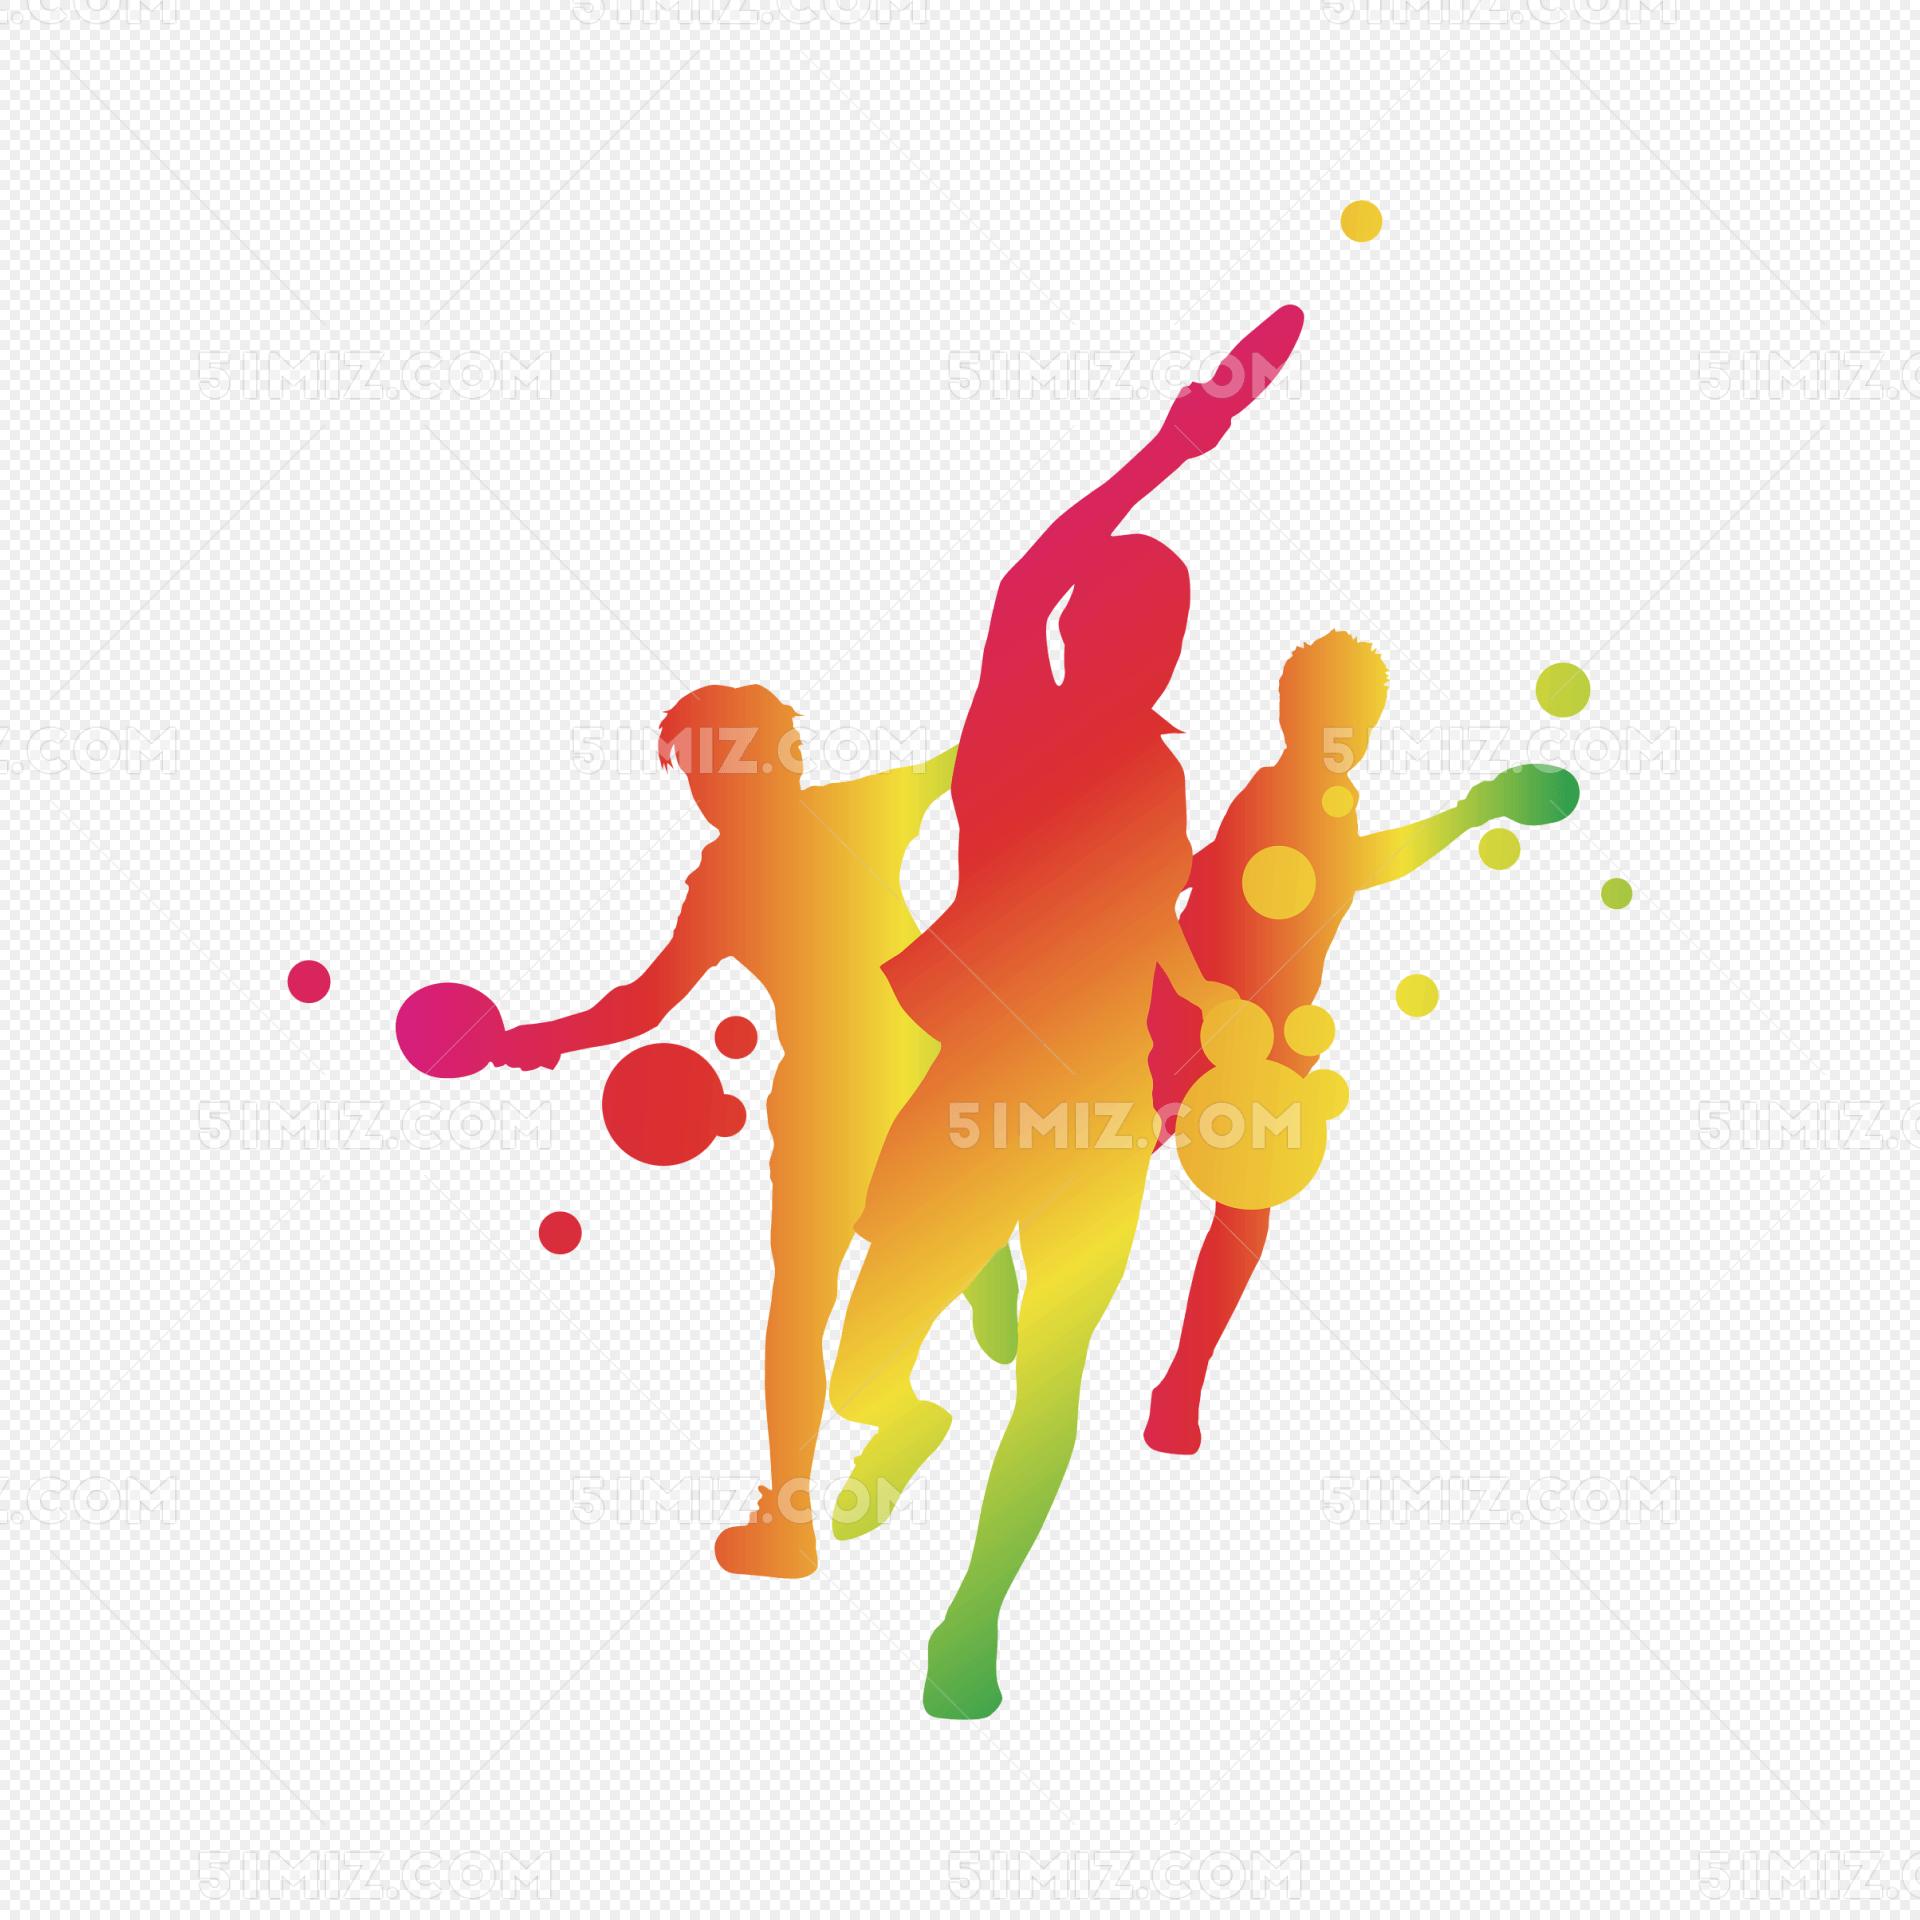 乒乓球人物剪影图片素材免费下载_觅知网